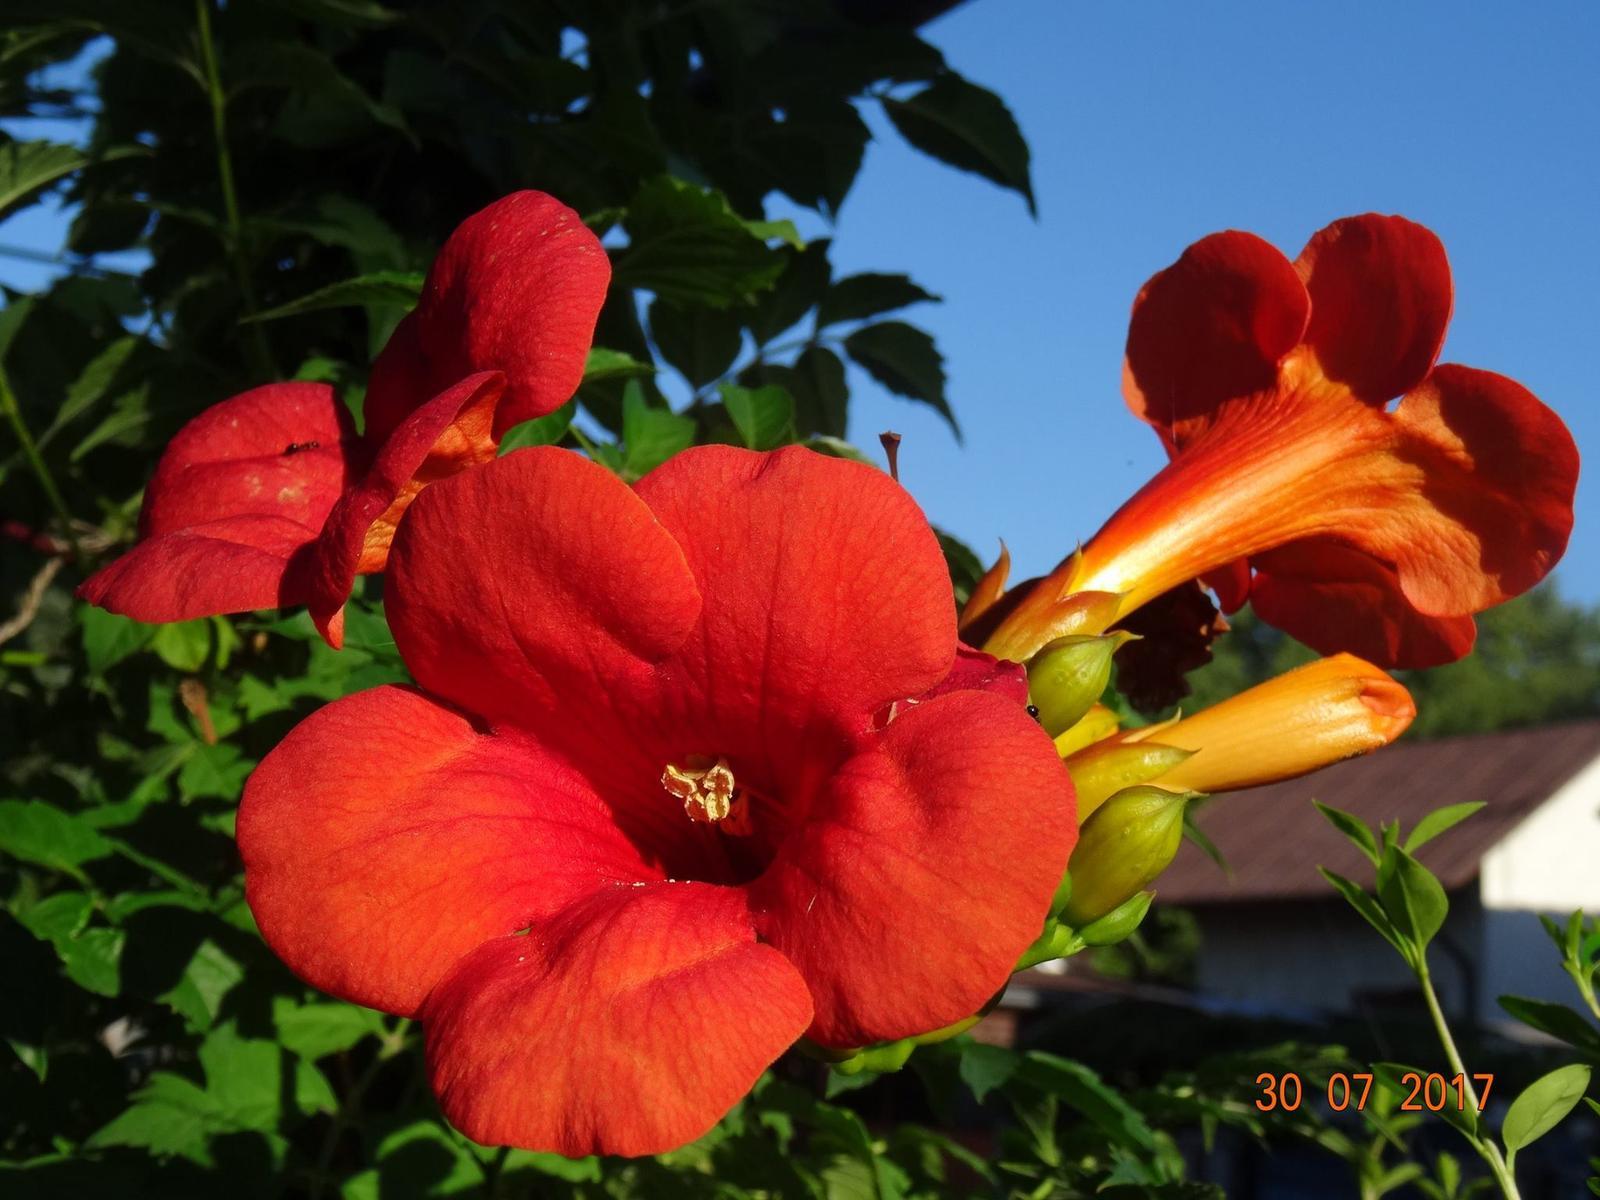 Niečo z našej záhradky - Obrázok č. 7